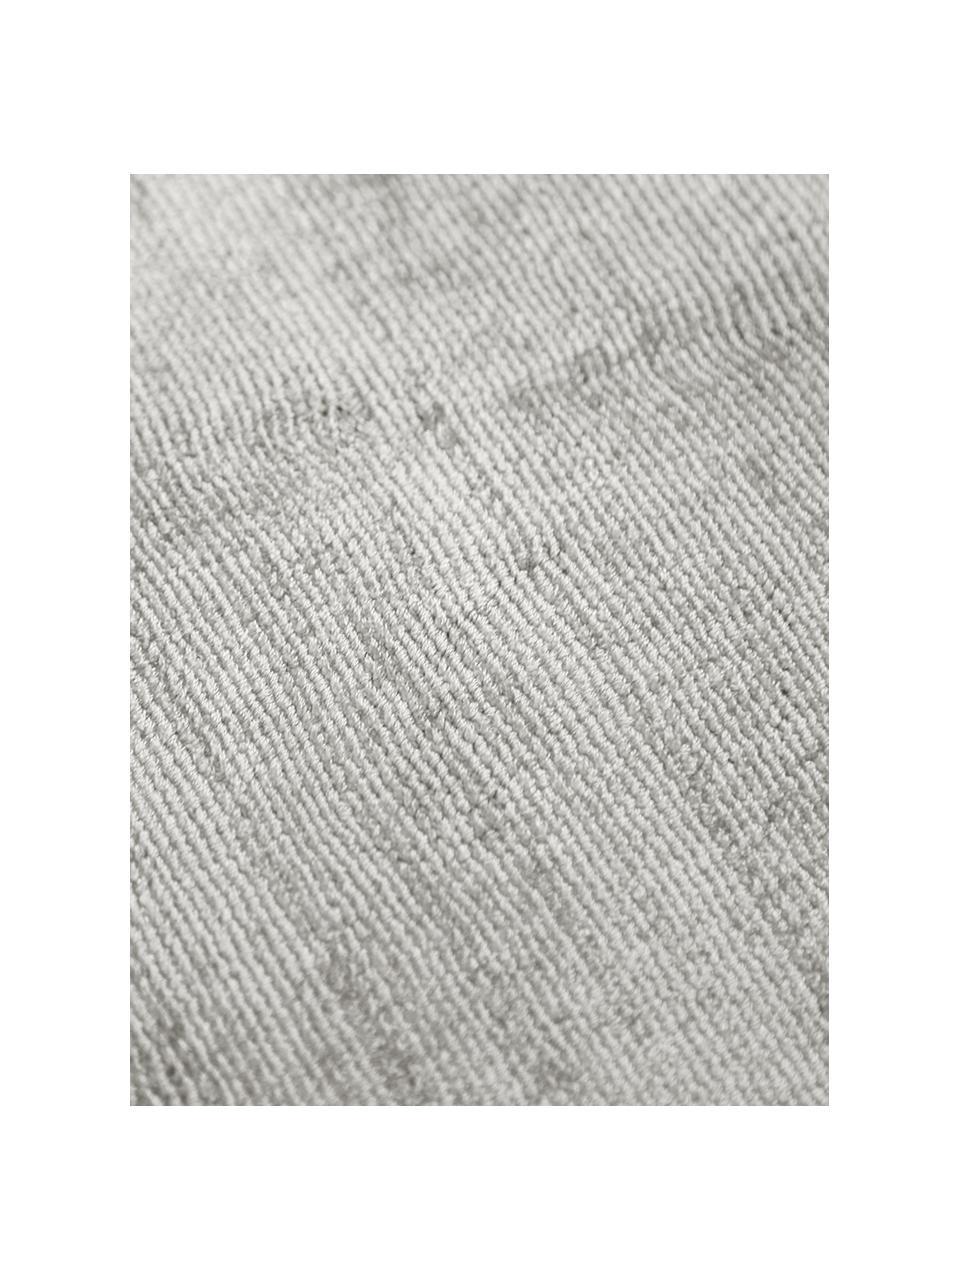 Handgewebter Viskoseteppich Jane in Hellgrau-Beige, Flor: 100% Viskose, Hellgrau-Beige, B 400 x L 500 cm (Grösse XXL)